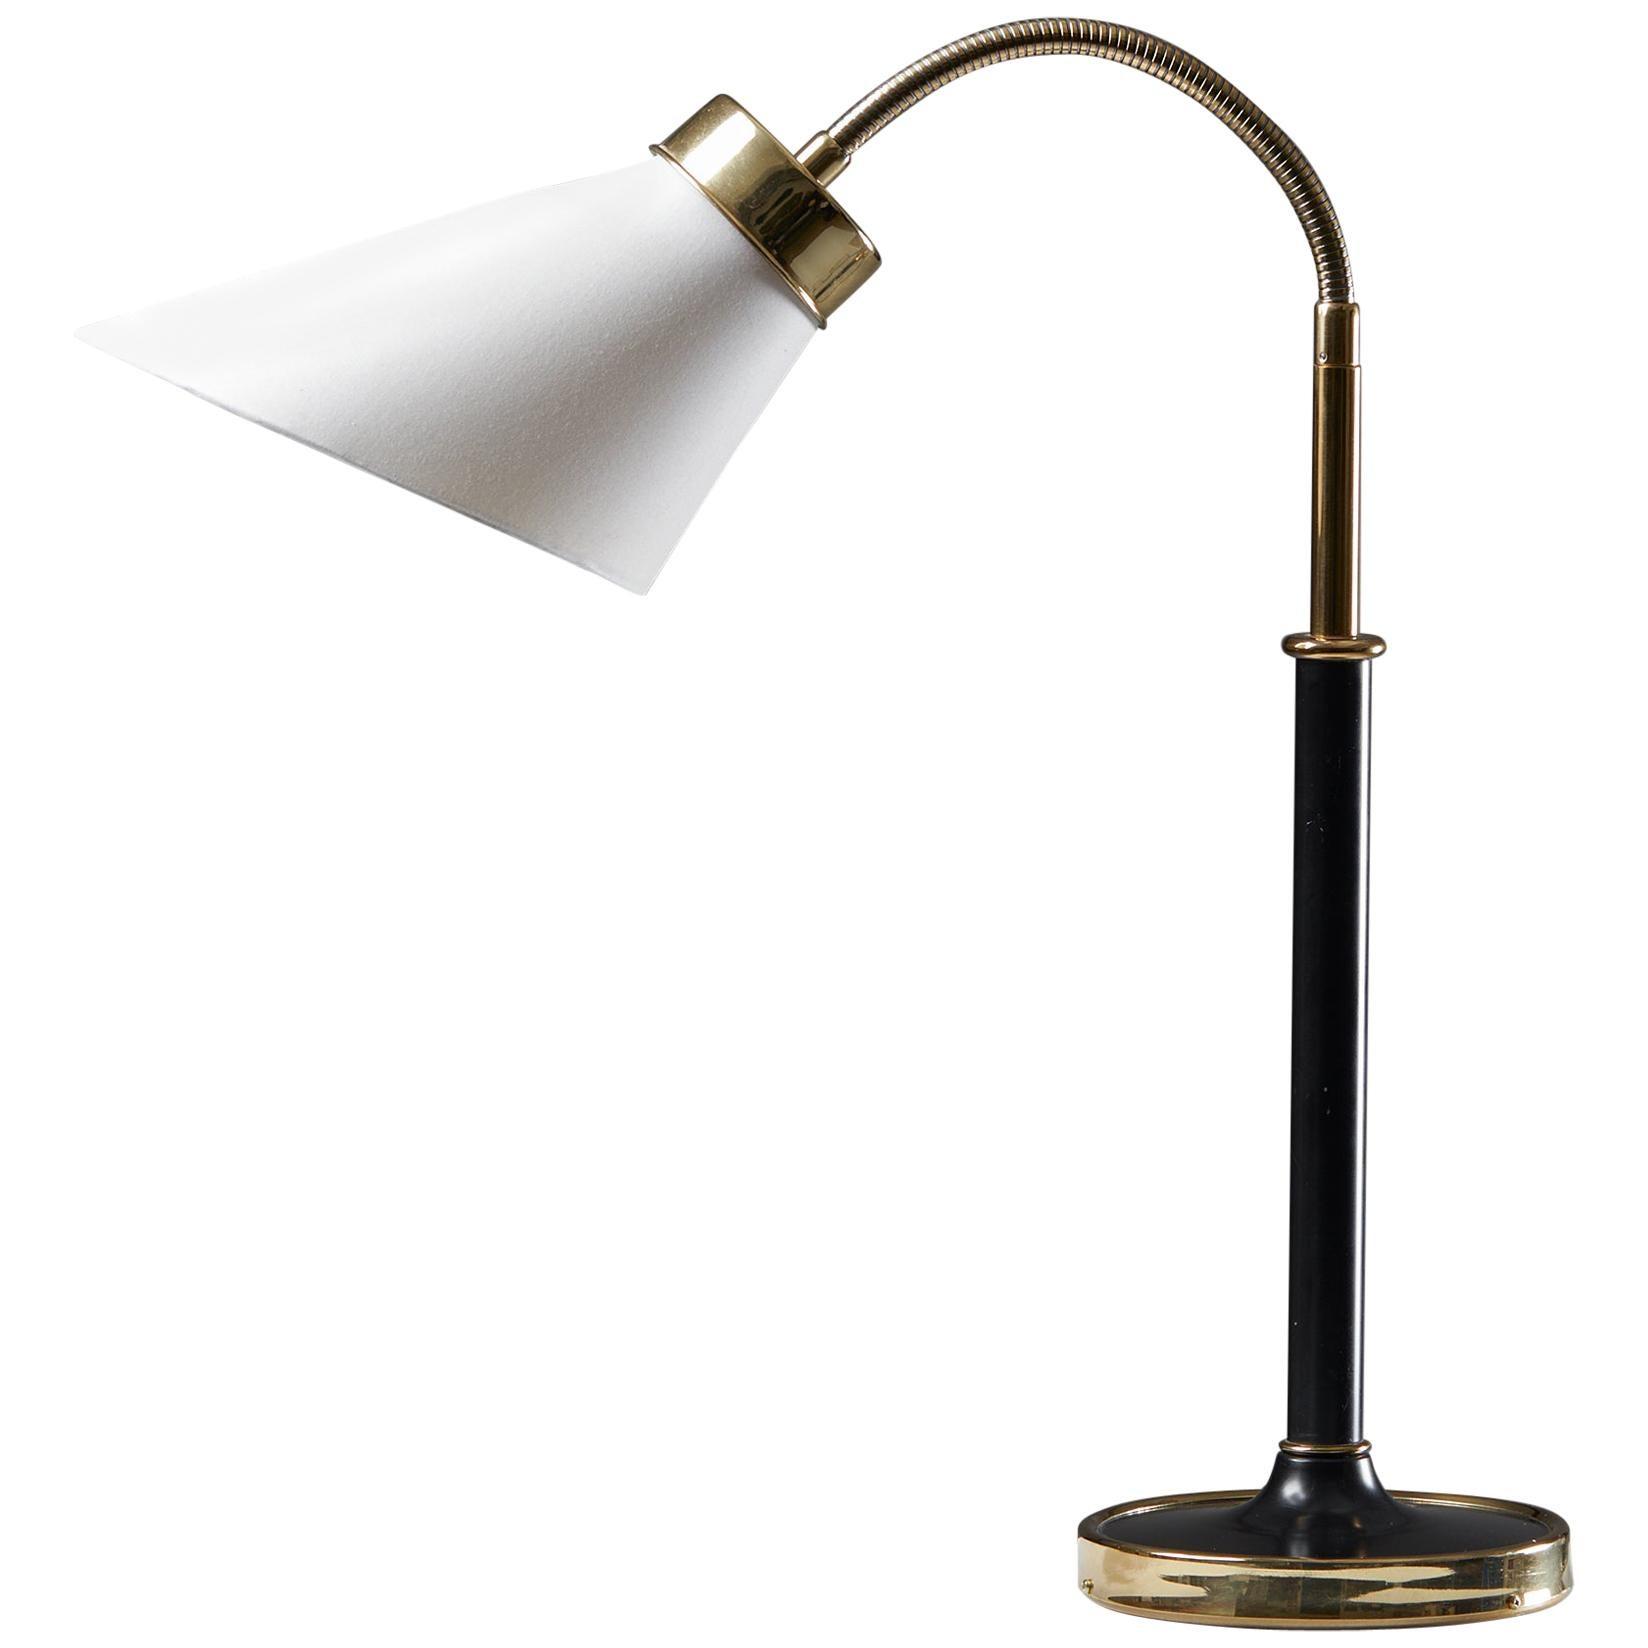 Table Lamp Model 2434 Designed by Josef Frank for Svenskt Tenn,